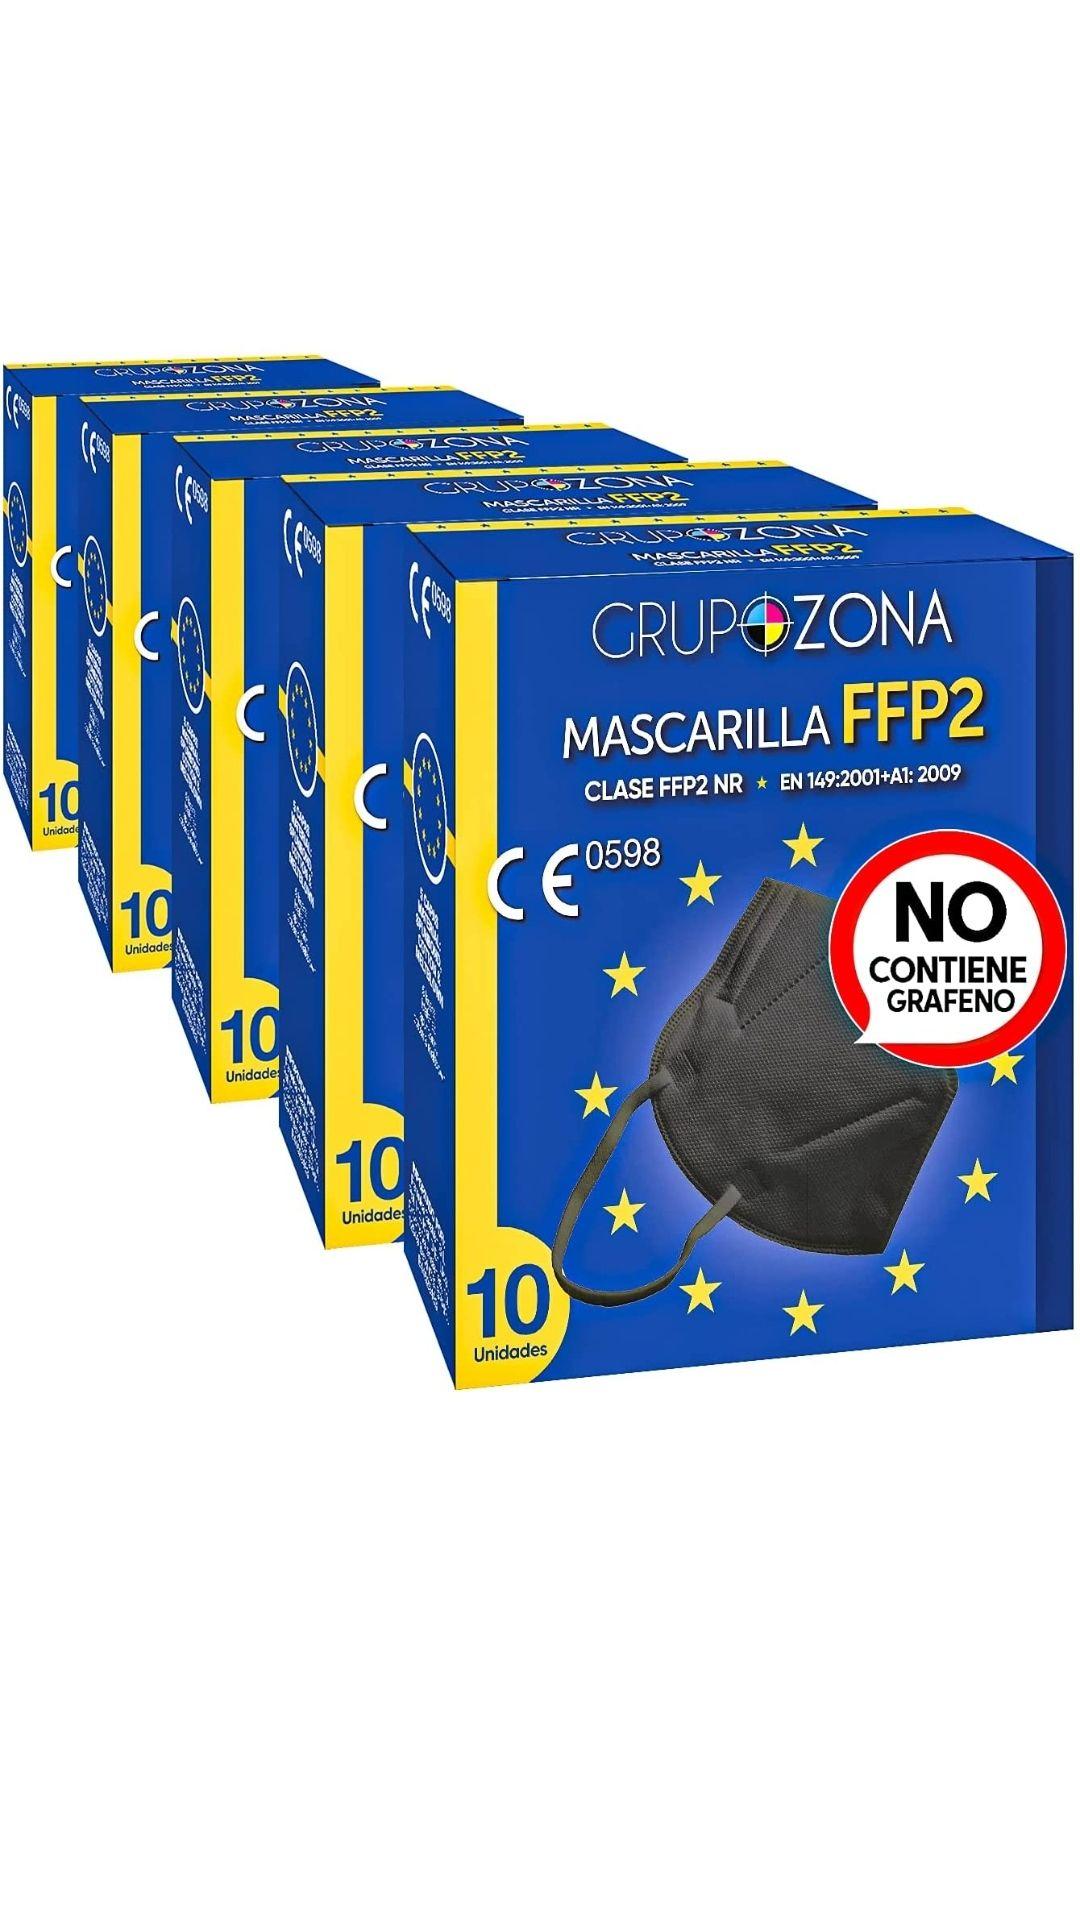 50 uds. Mascarillas Negras FFP2 NR homologadas CE 0598, filtrado de 5 capas - GrupoZona - Mascarilla protección negra